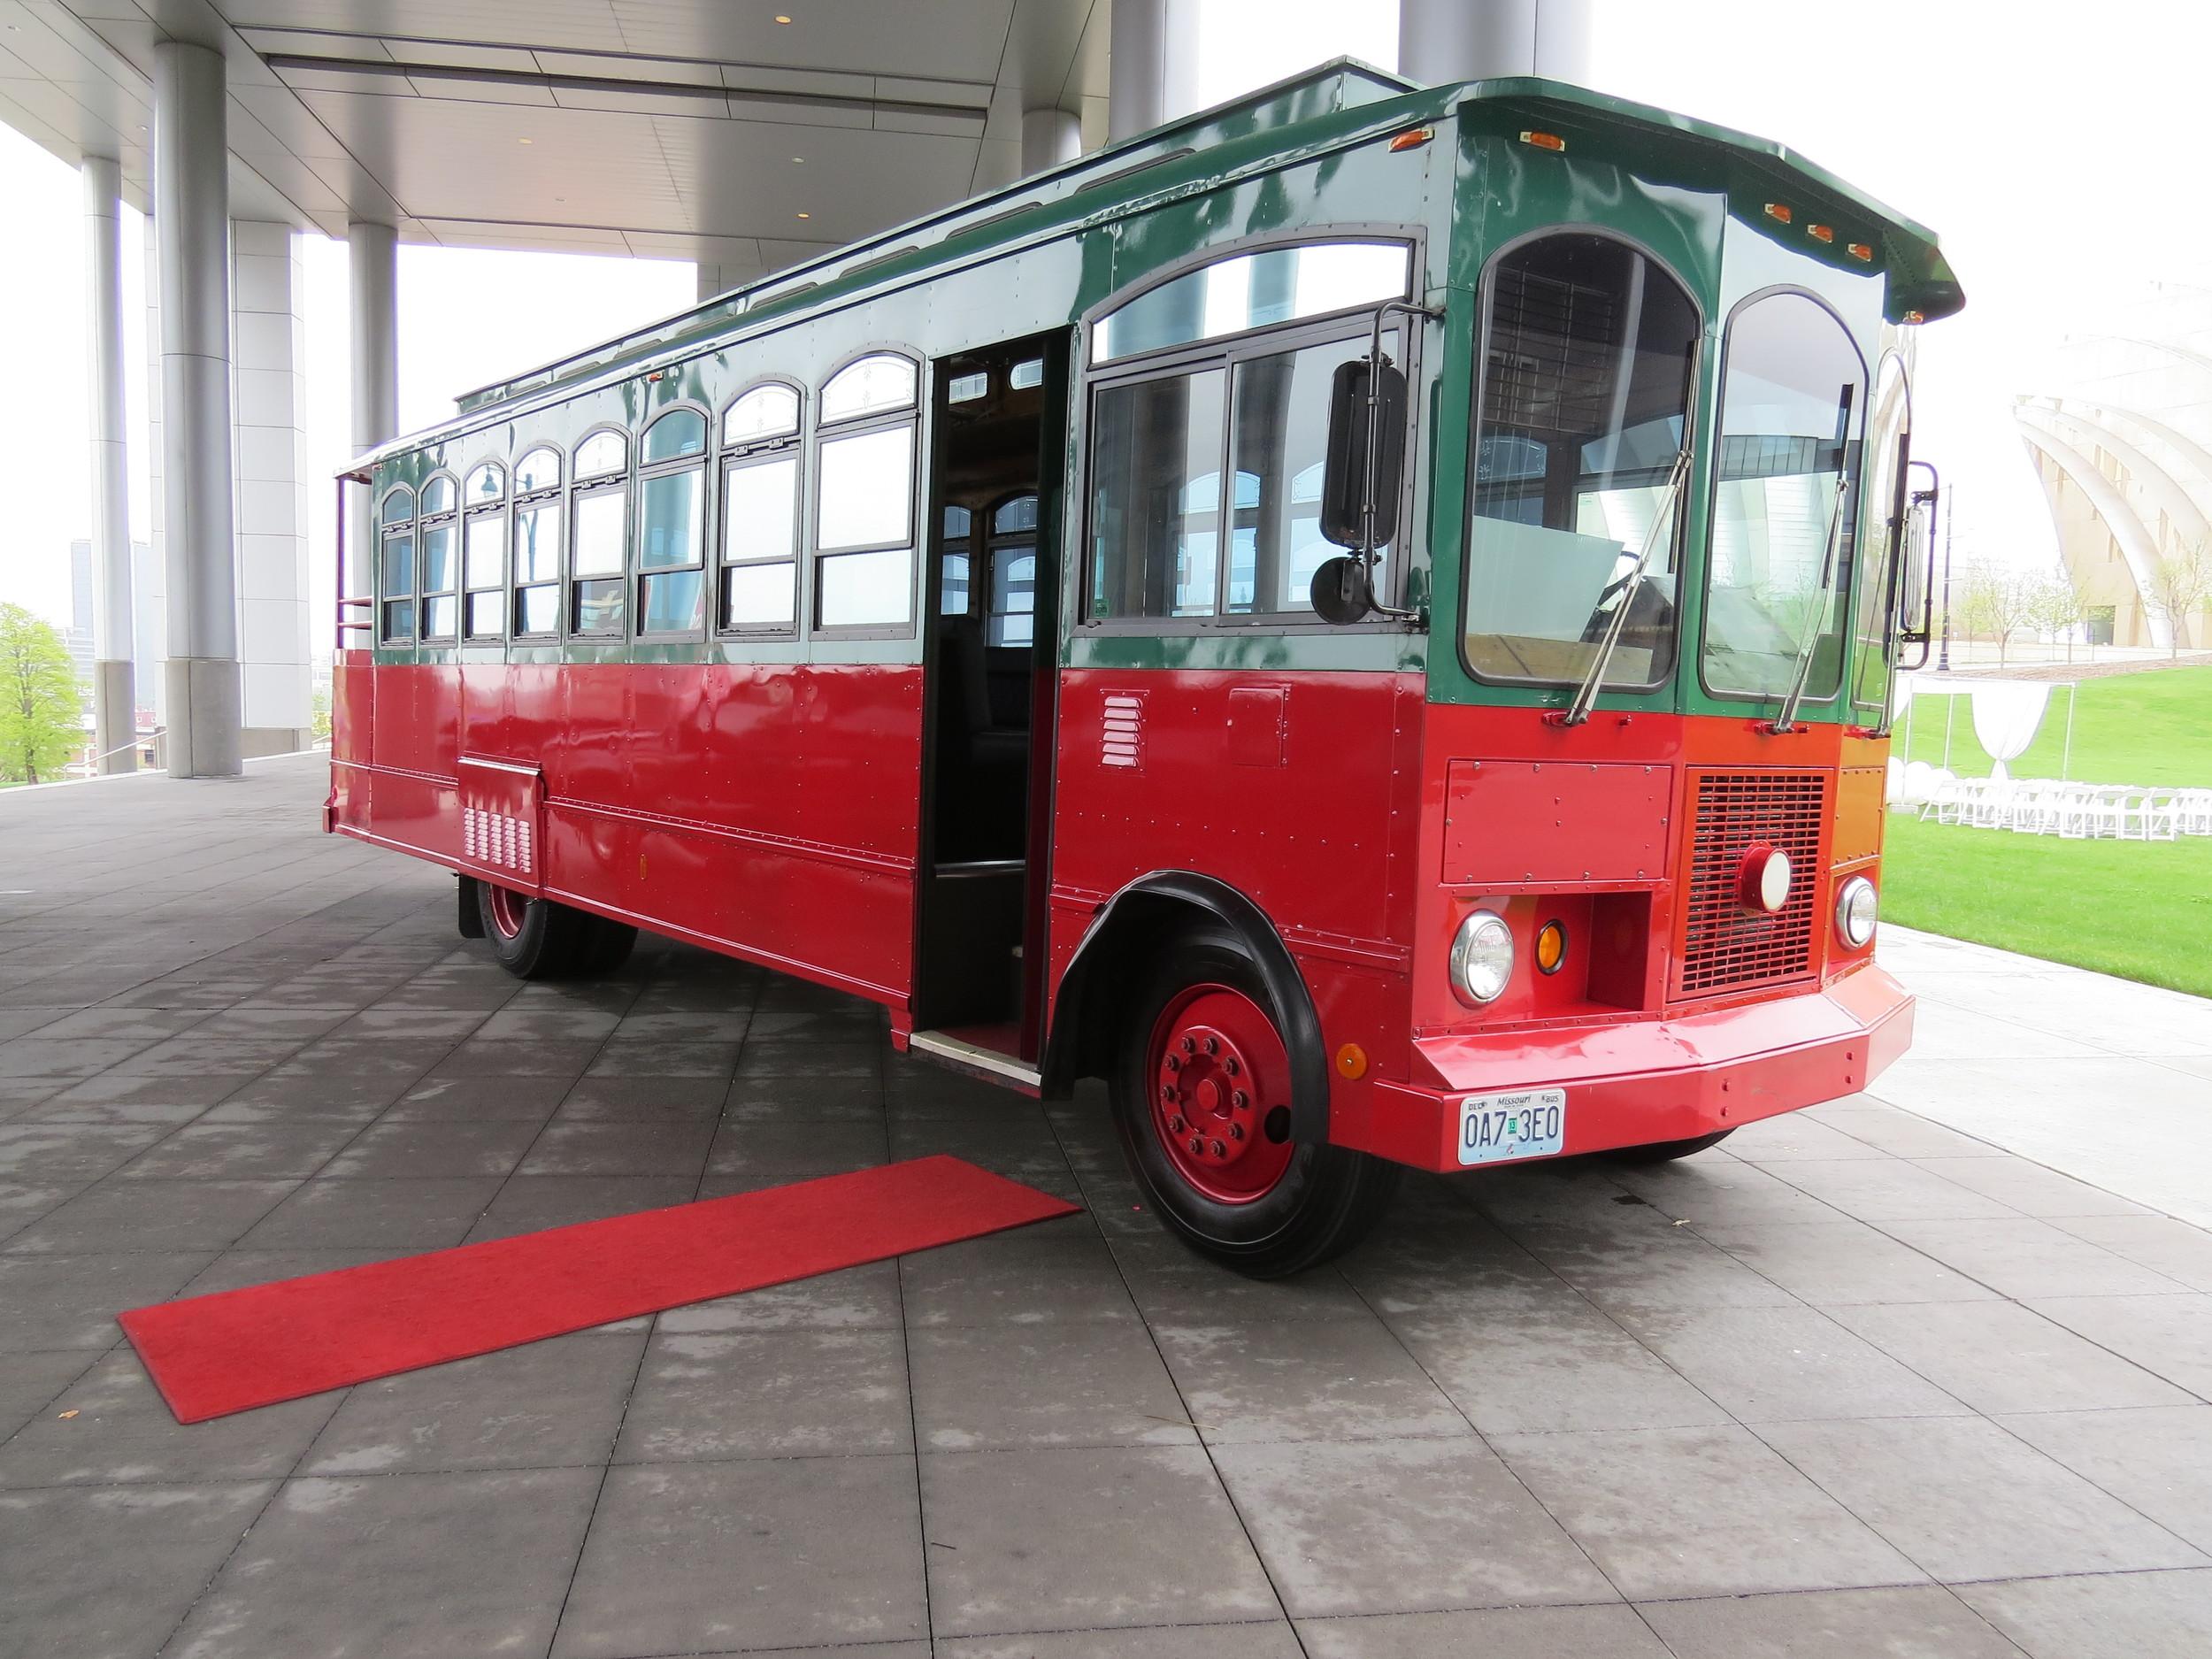 Trolley 1 - Marilyn Jean